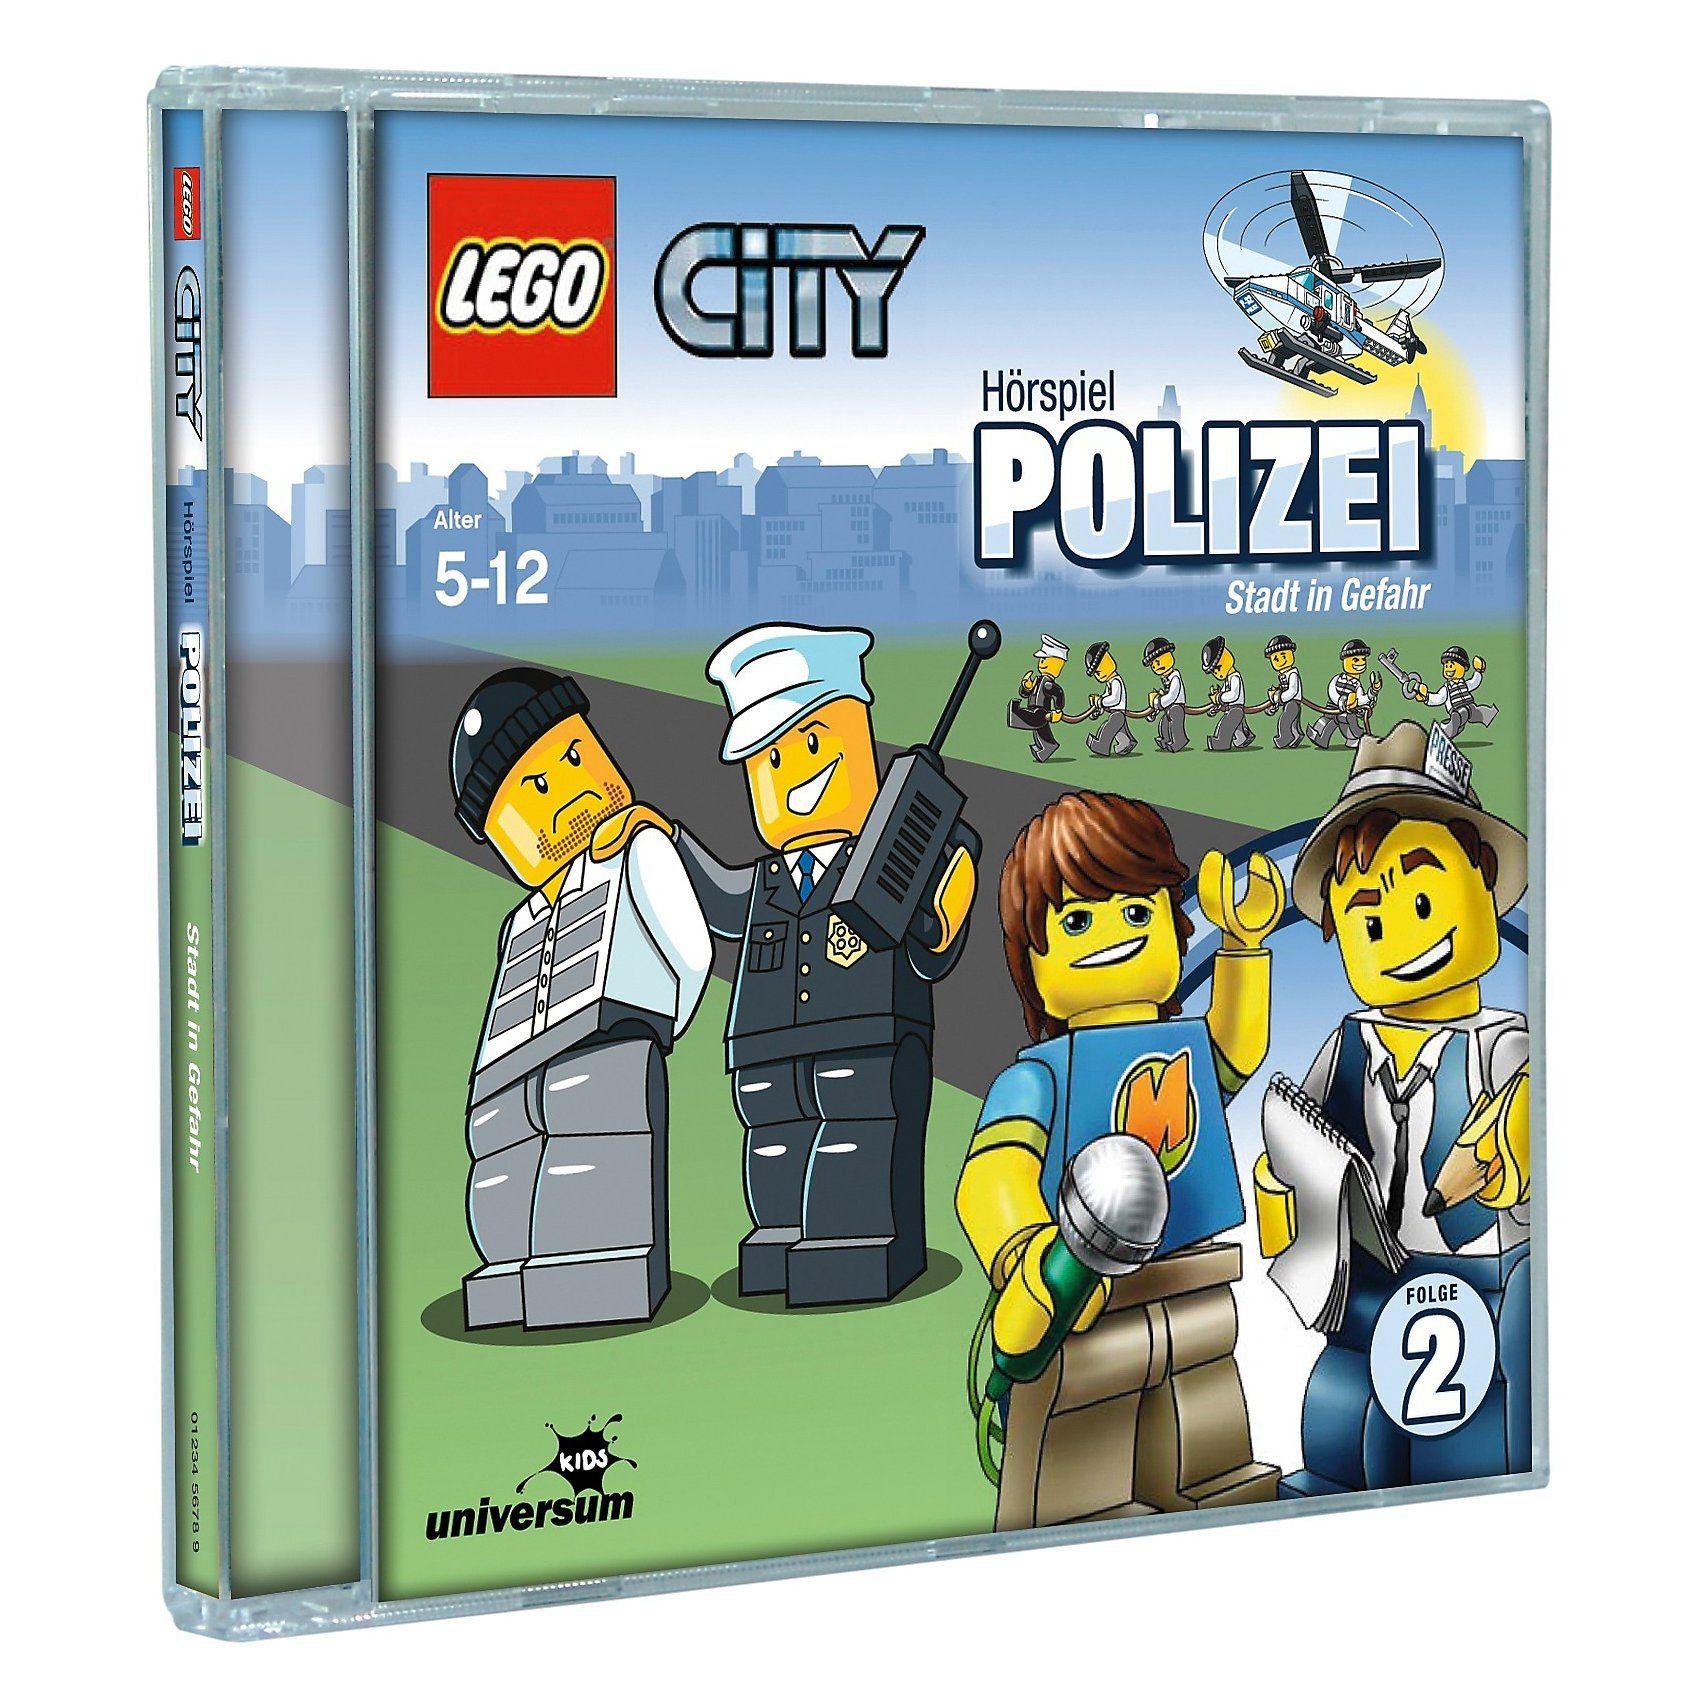 LEGO CD City 02 - Polizei: Stadt in Gefahr